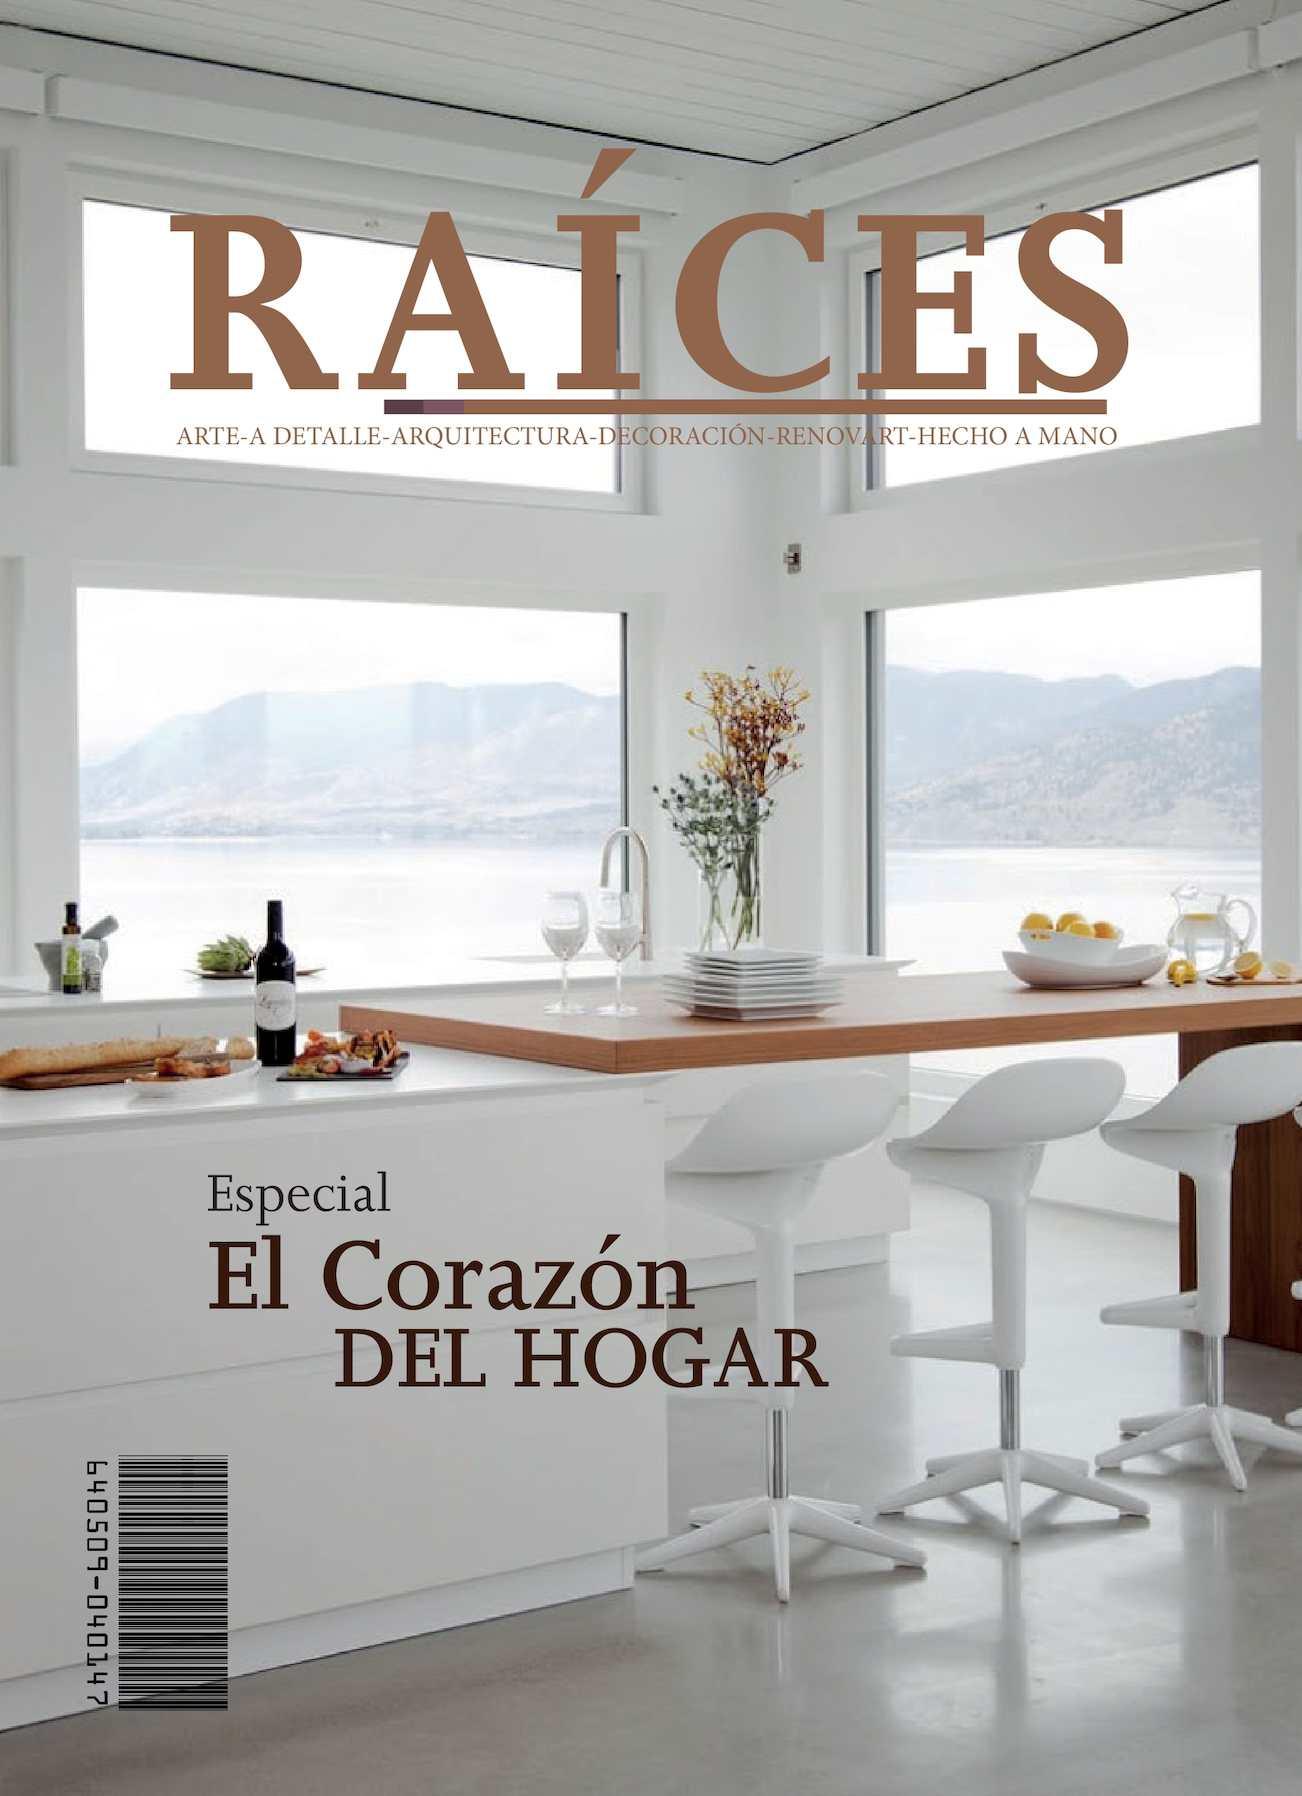 Calaméo - Revista Raices